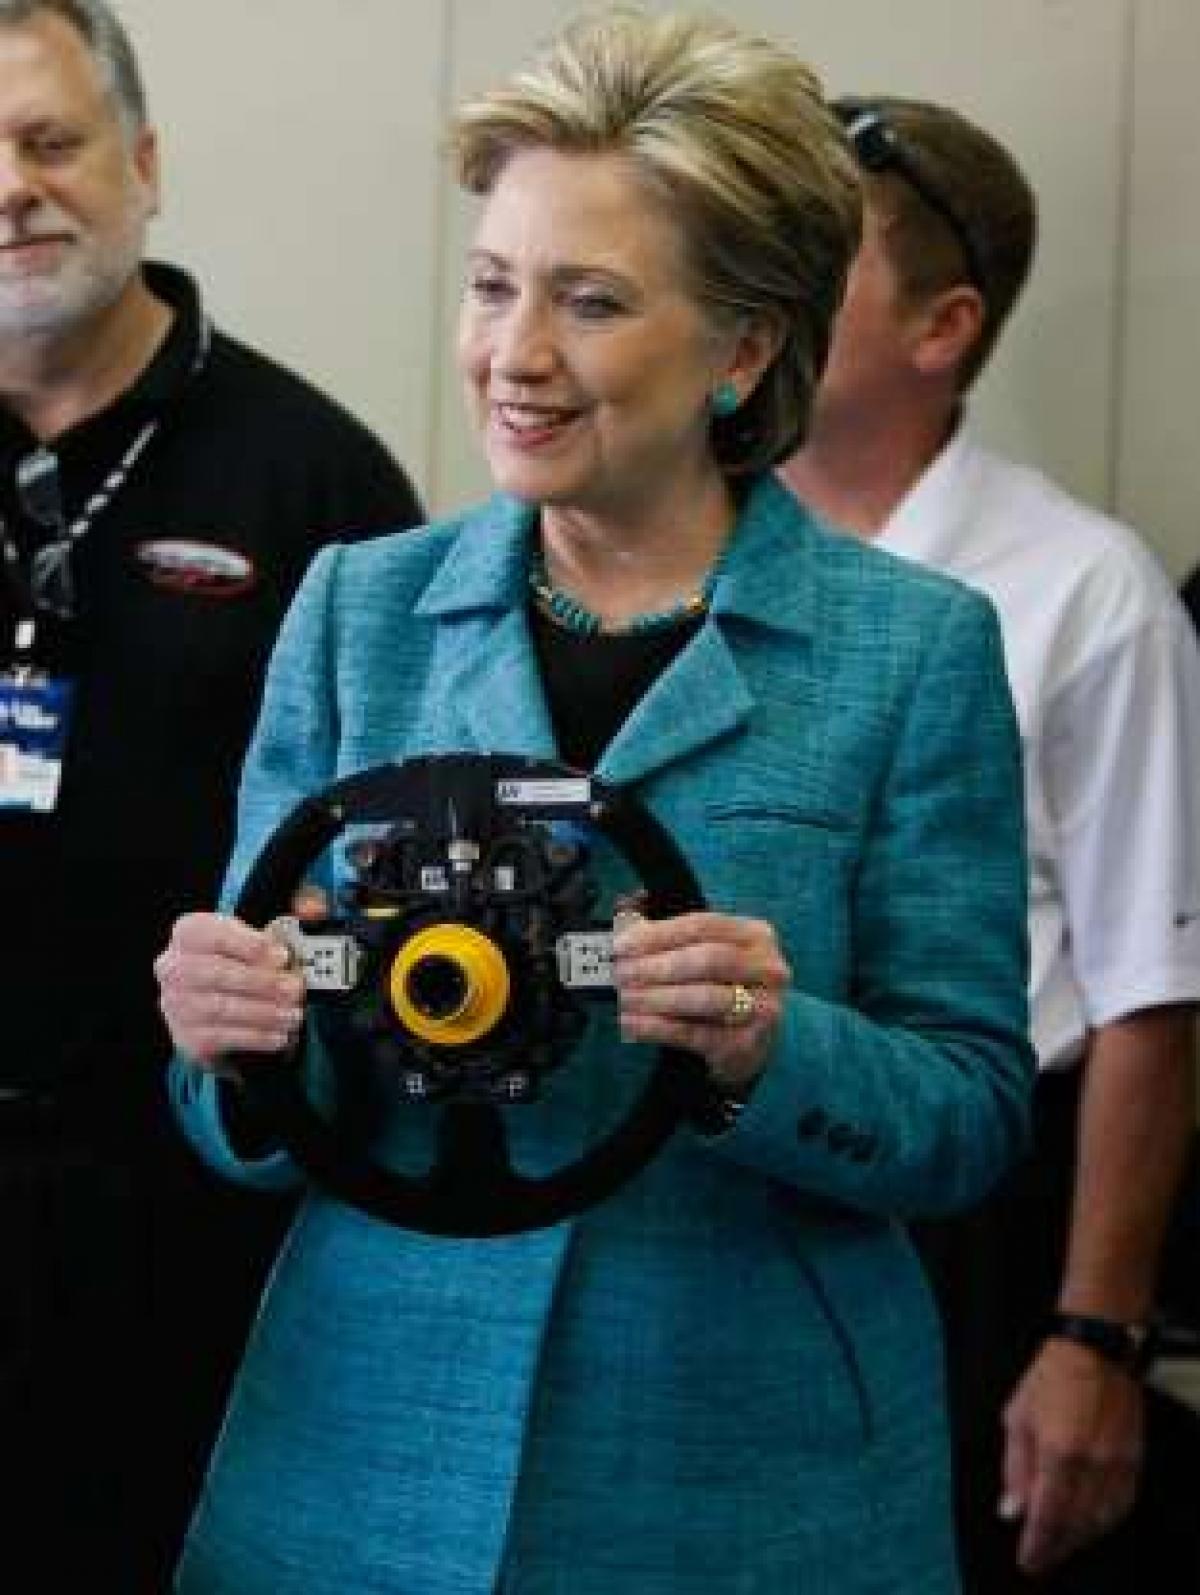 Không được phép lái xe: Bà Hillary Clinton và Michelle Obama đều trả lời trong một cuộc phỏng vấn rằng trong suốt thời gian ở Nhà Trắng, họ không được tự lái xe. Thậm chí sau khi rời Nhà Trắng, bà Michelle cho biết Mật vụ vẫn không để bà tự làm việc này.